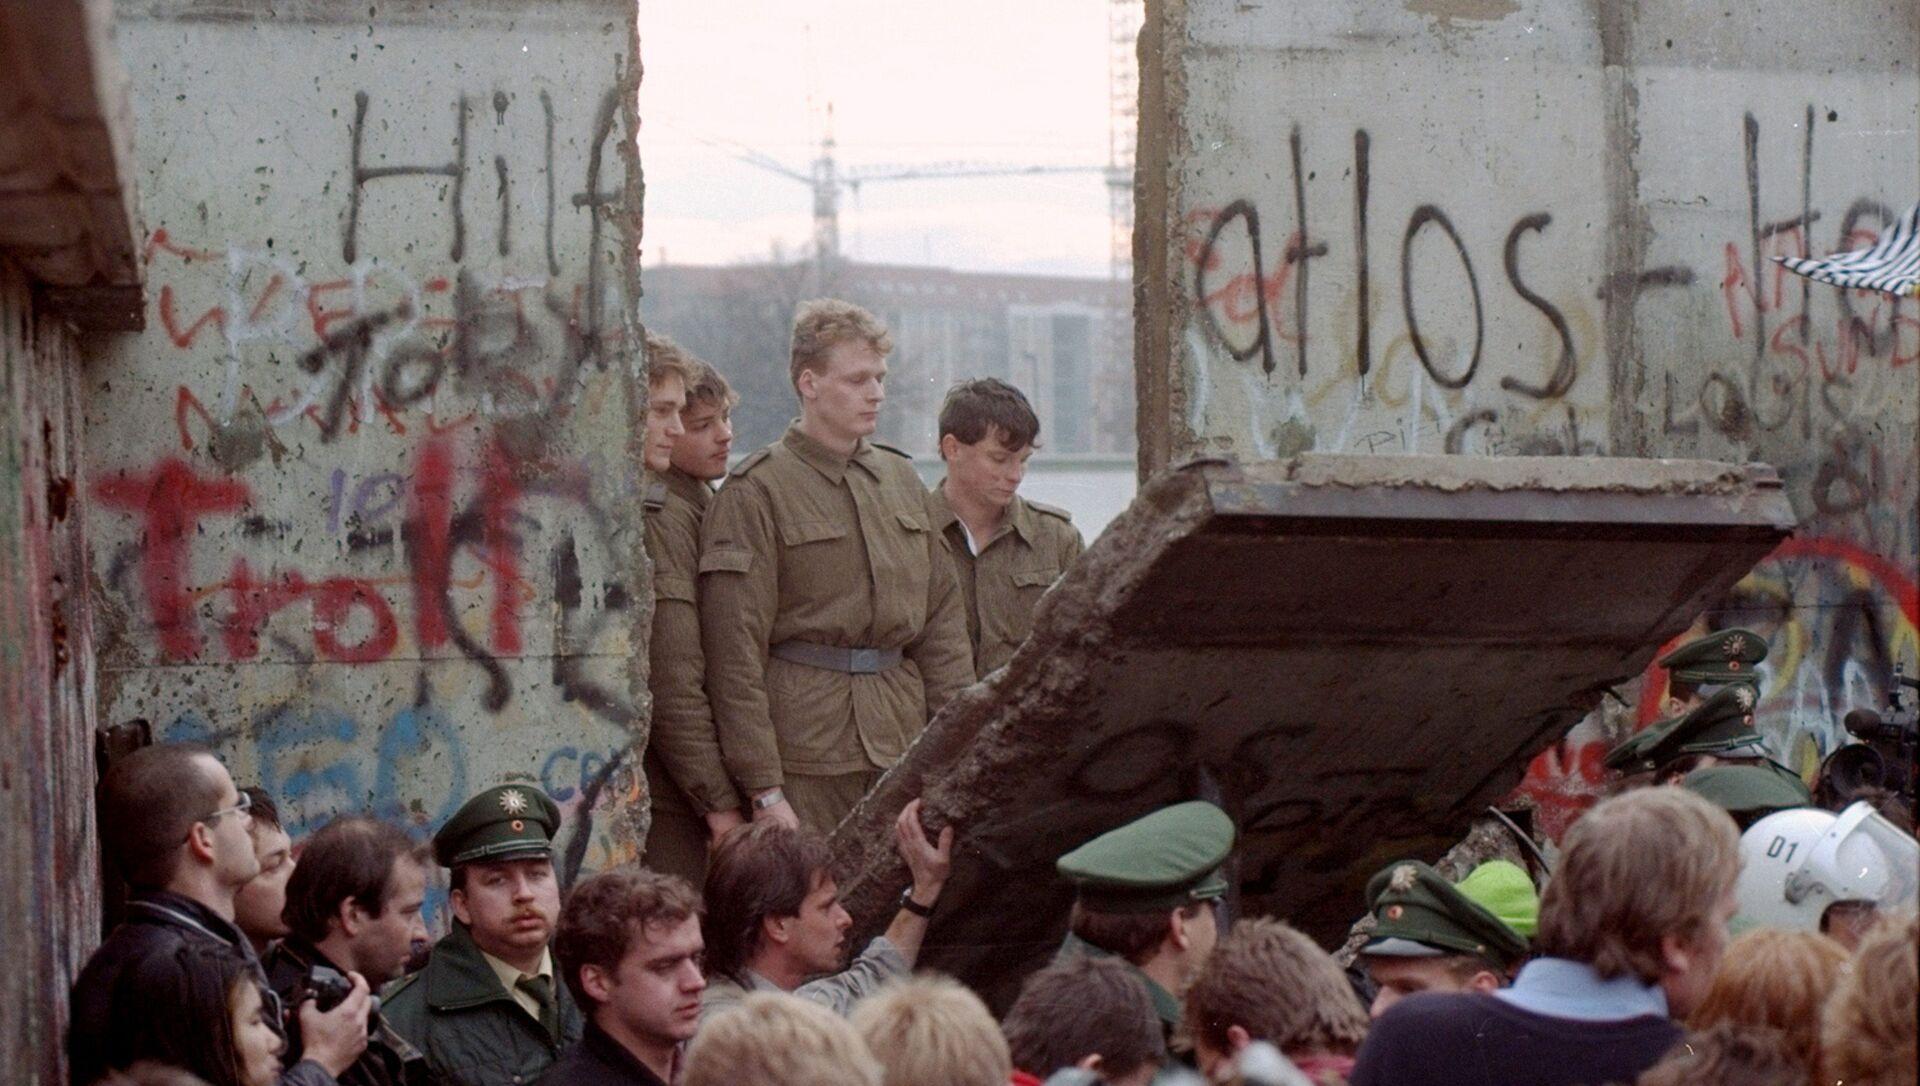 Guardias fronterizos de Alemania Oriental aparecen tras el muro de Berlín después que los manifestantes derribaron un segmento  - Sputnik Mundo, 1920, 08.11.2019